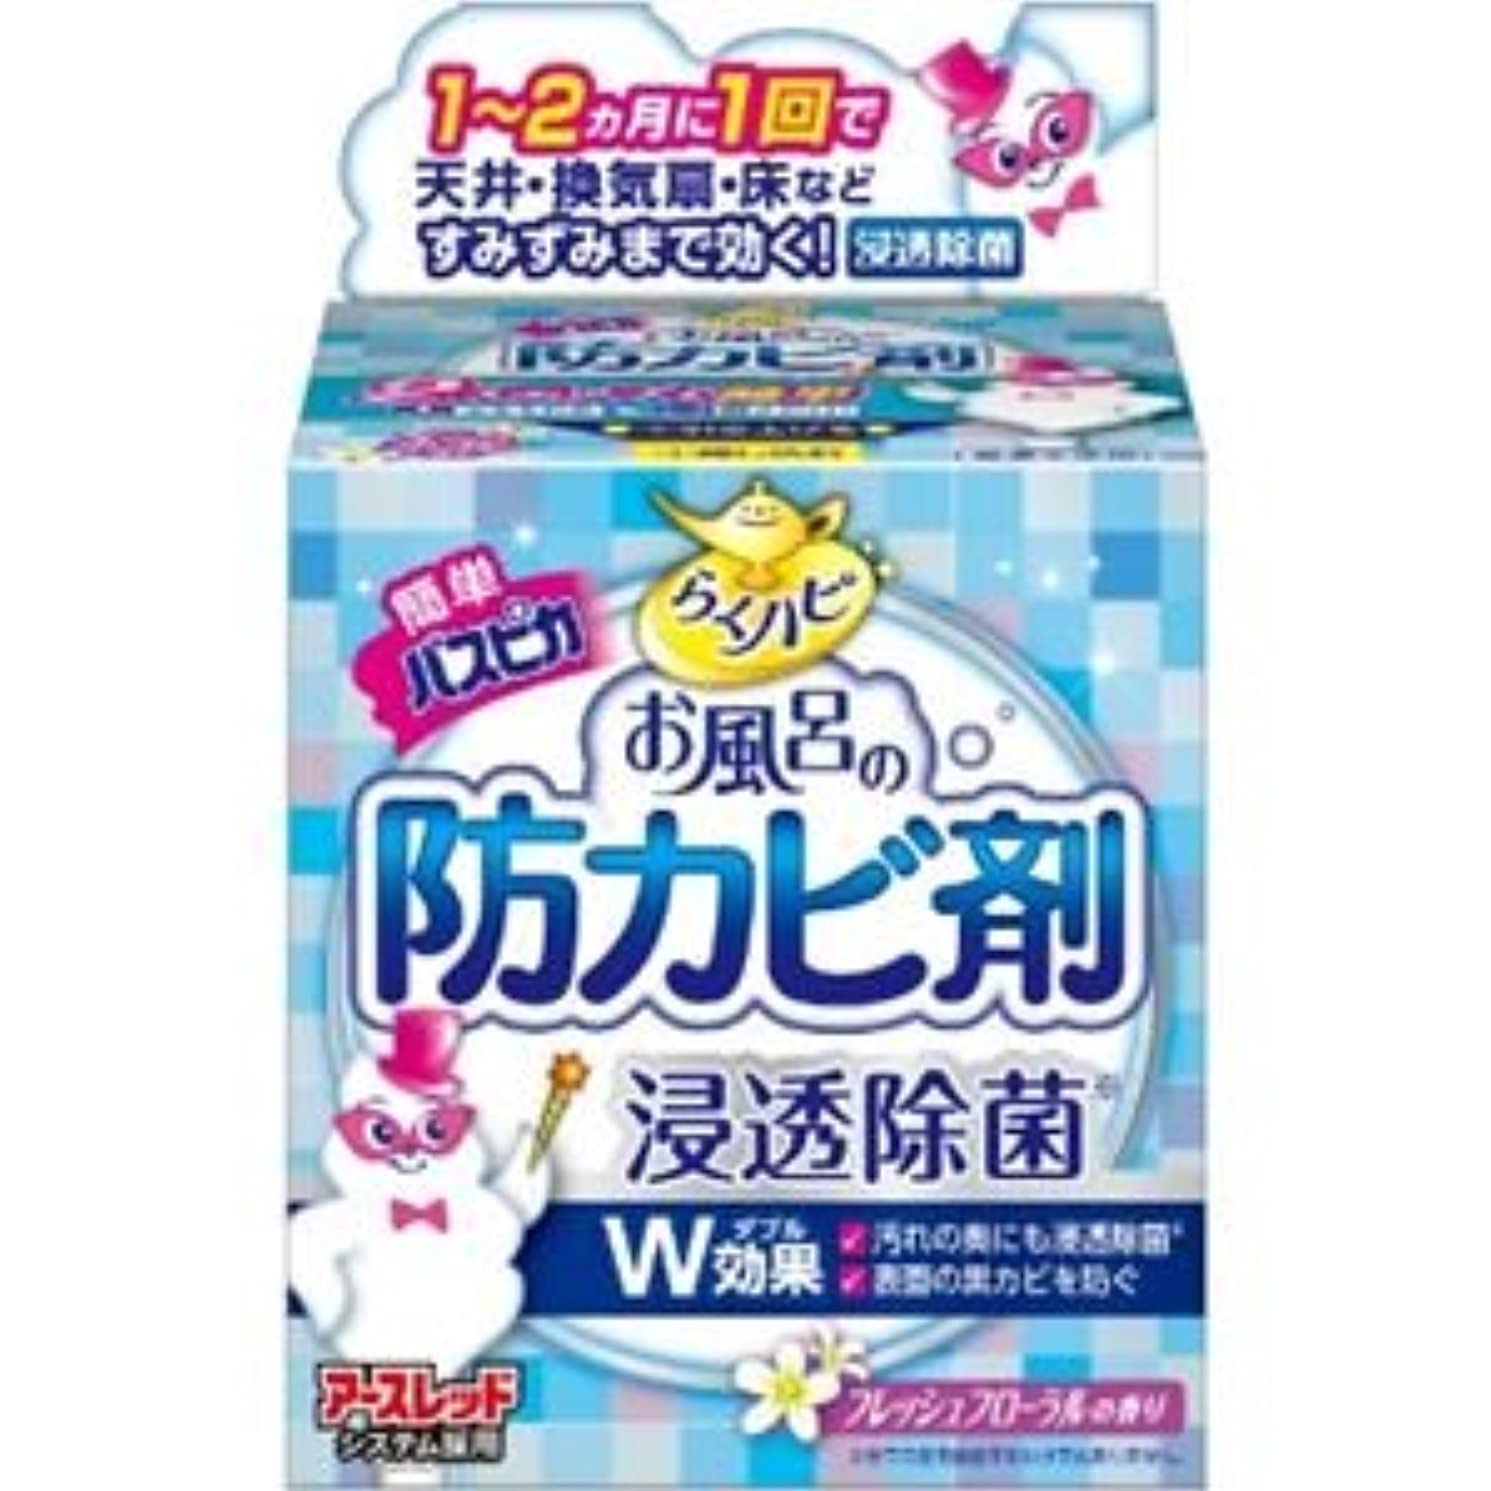 余計な霜メアリアンジョーンズ(まとめ)アース製薬 らくハピお風呂の防カビ剤フローラルの香り 【×3点セット】